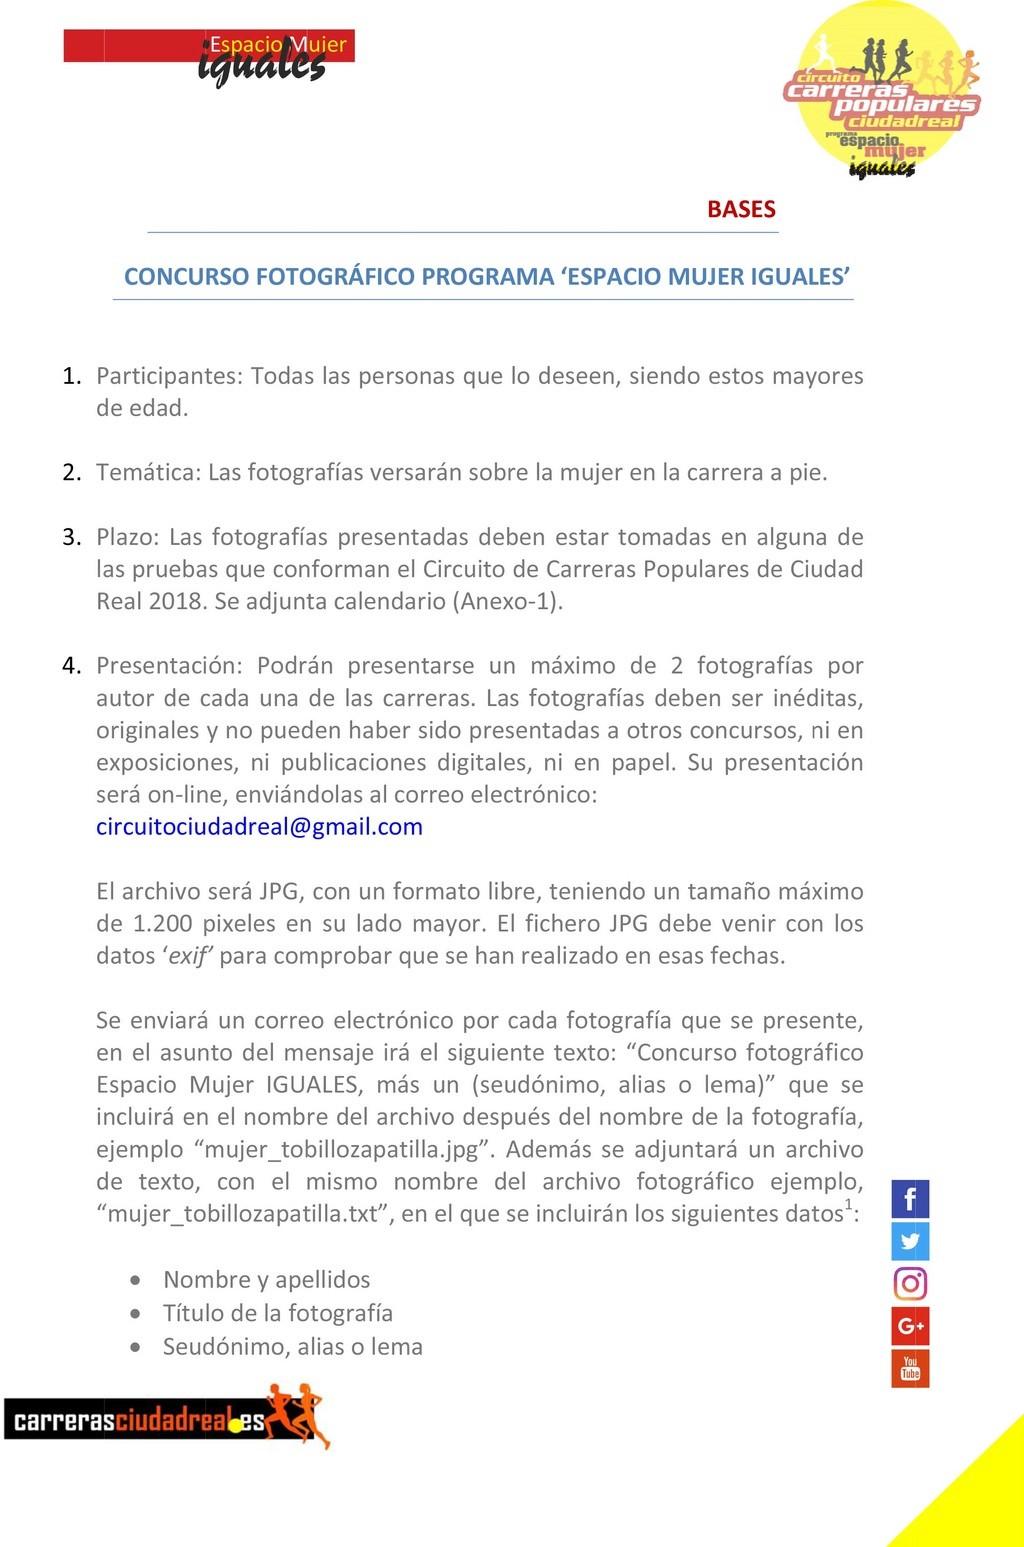 Concursos de Fotografía Diciembre 2018 Iguale10